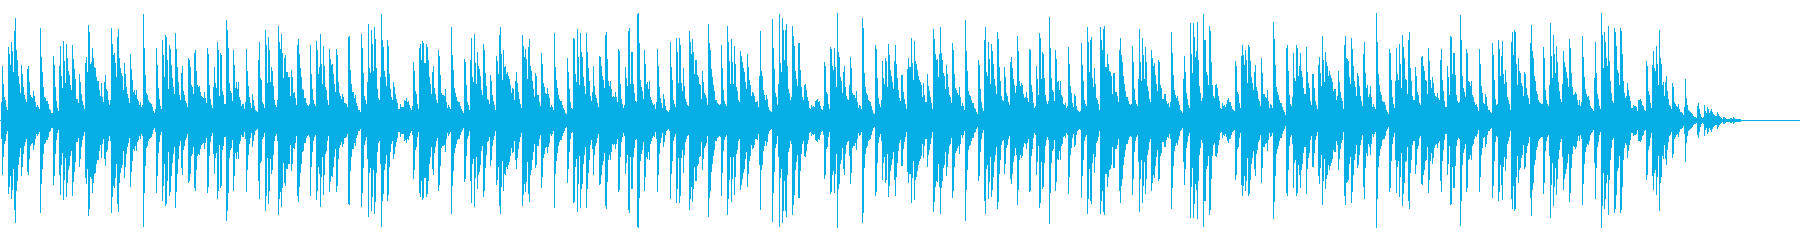 童謡「紅葉」シンプルな琴のアレンジの再生済みの波形